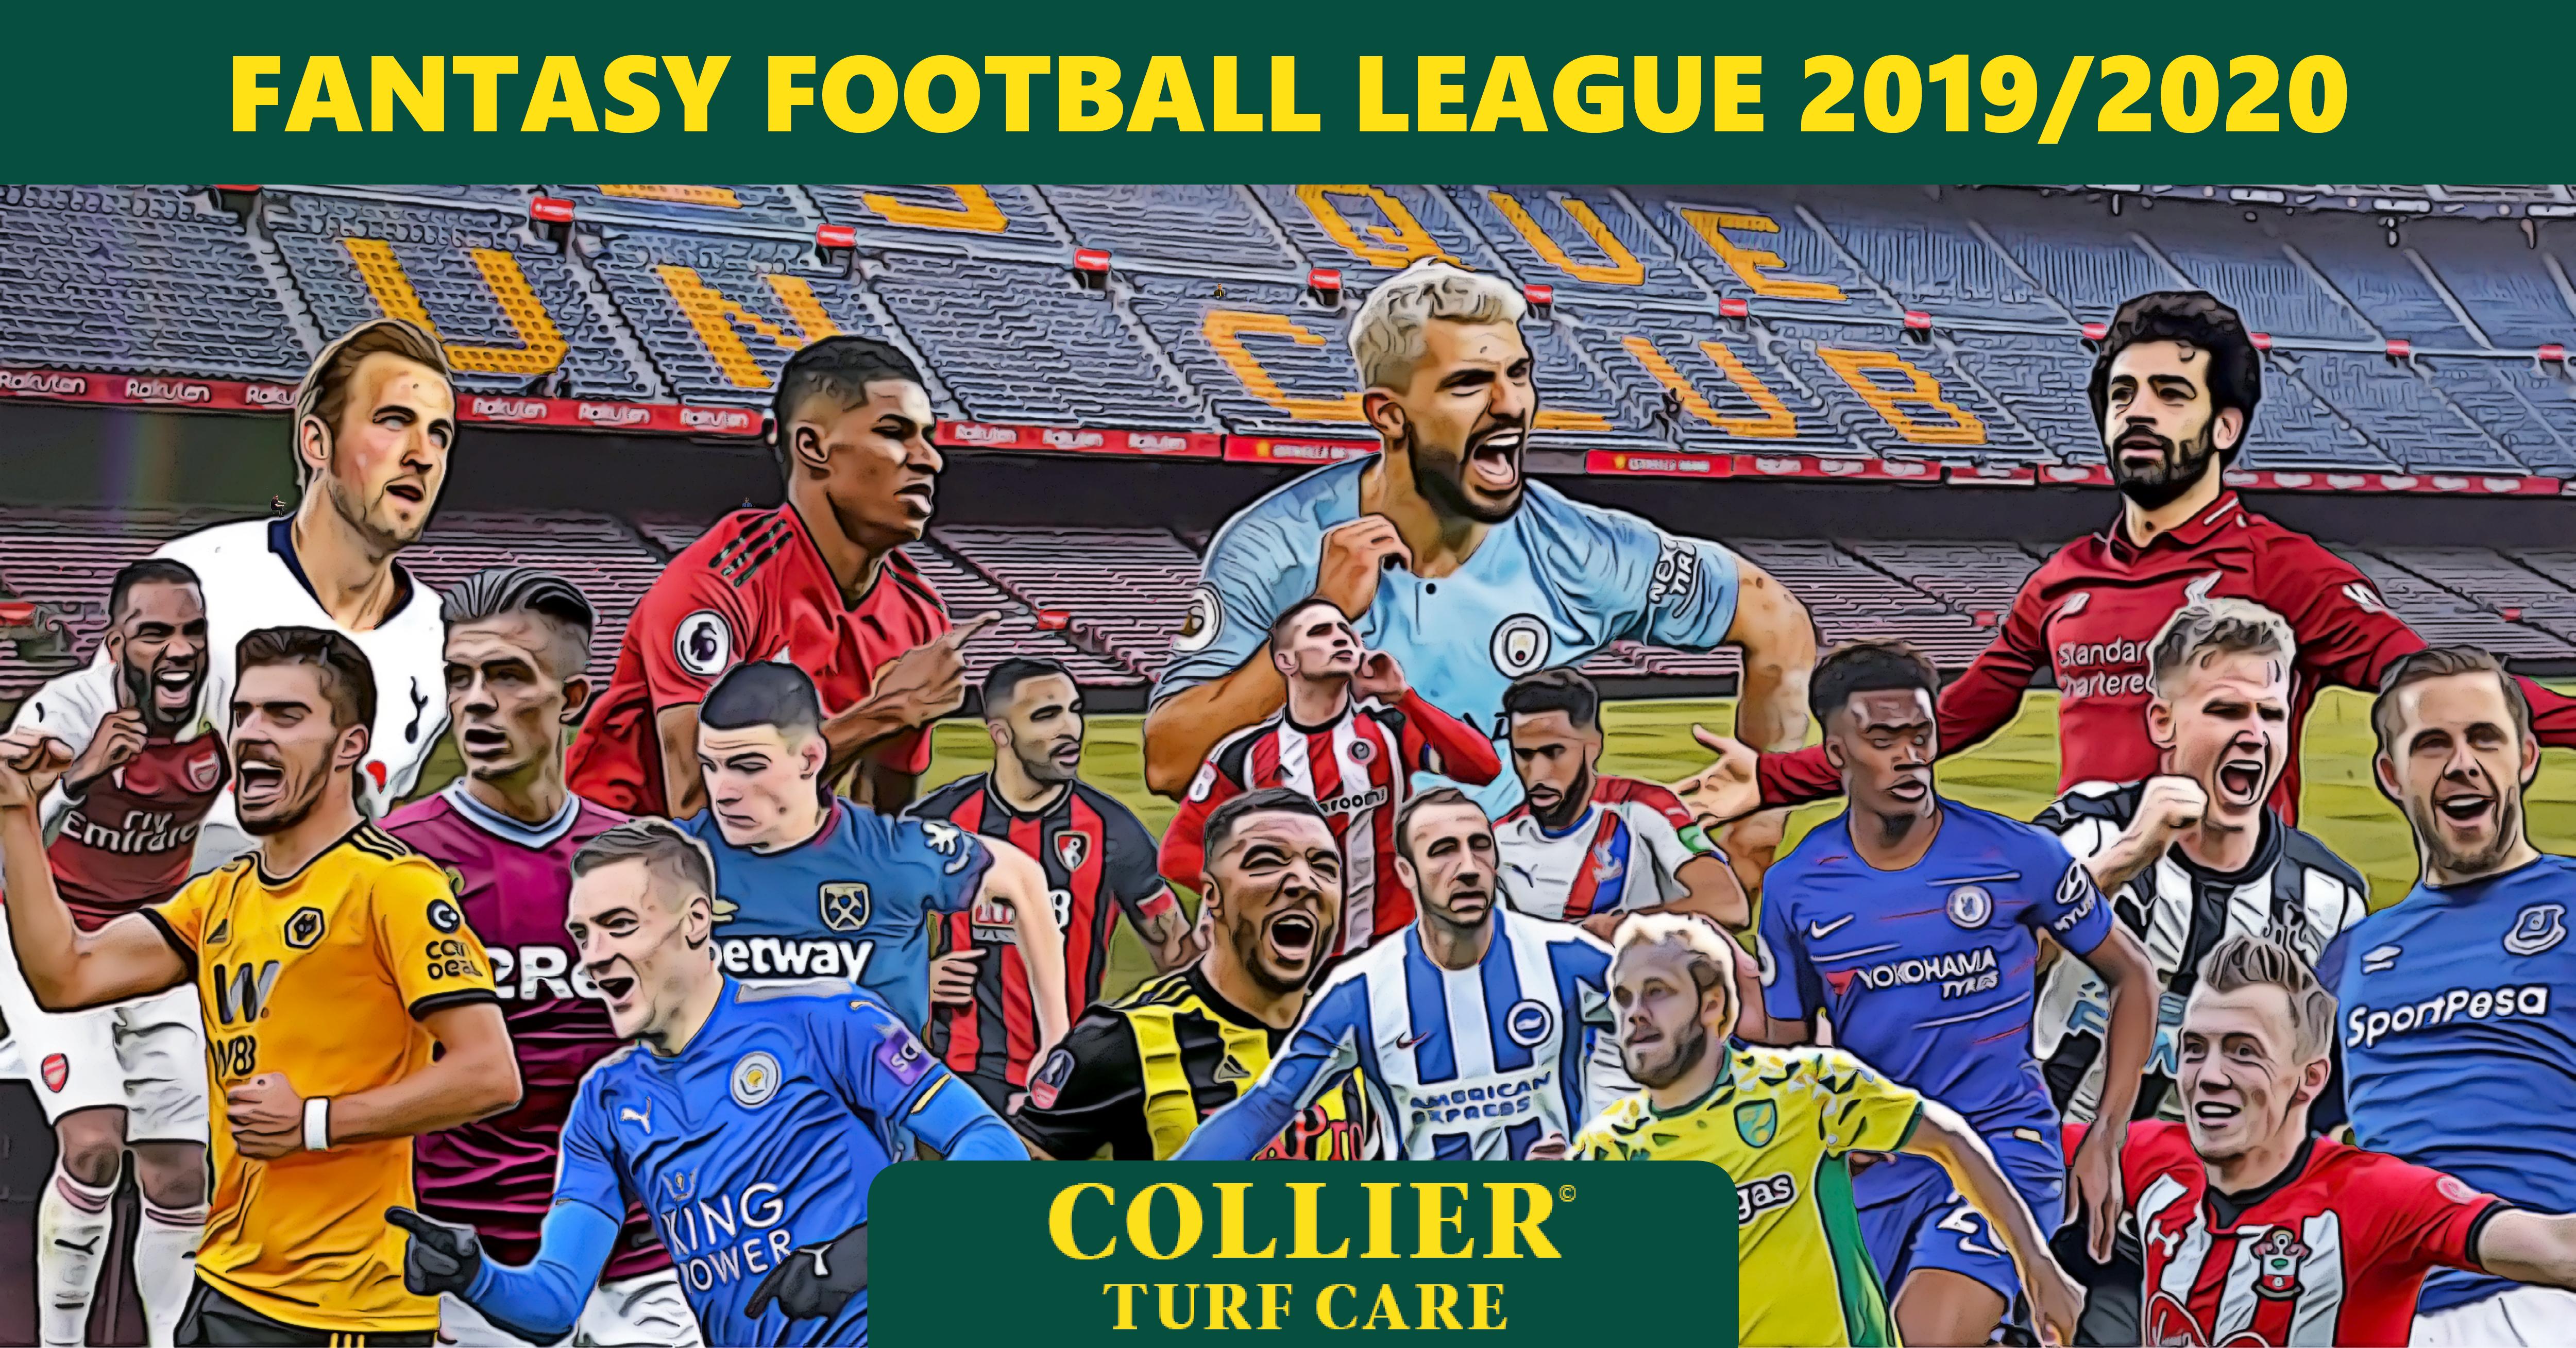 fantasy football cover photo